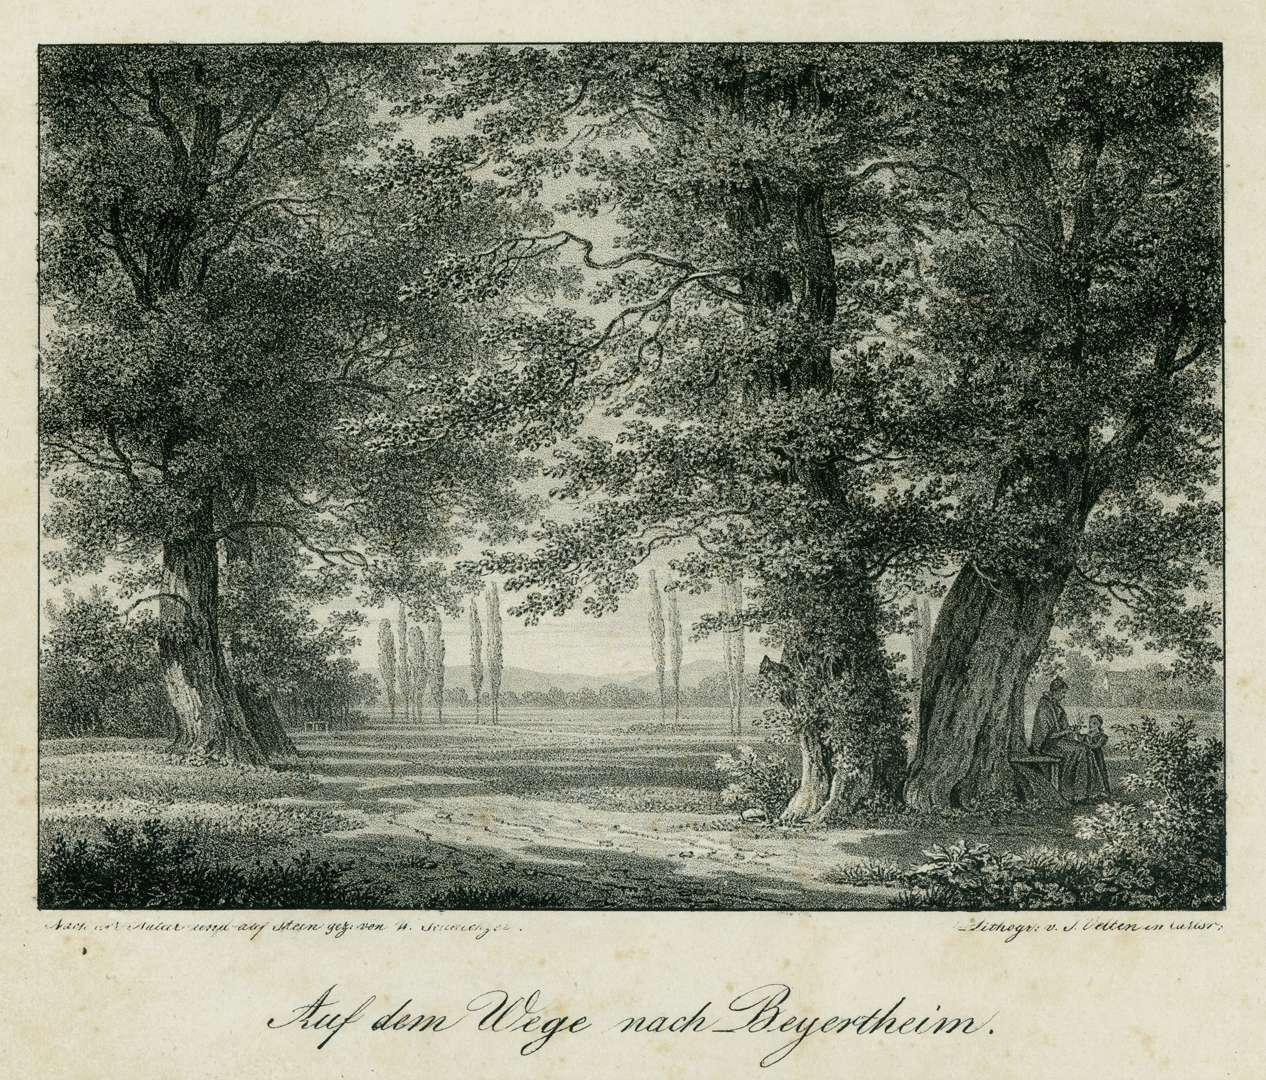 Auf dem Wege nach Beyertheim, Bild 1